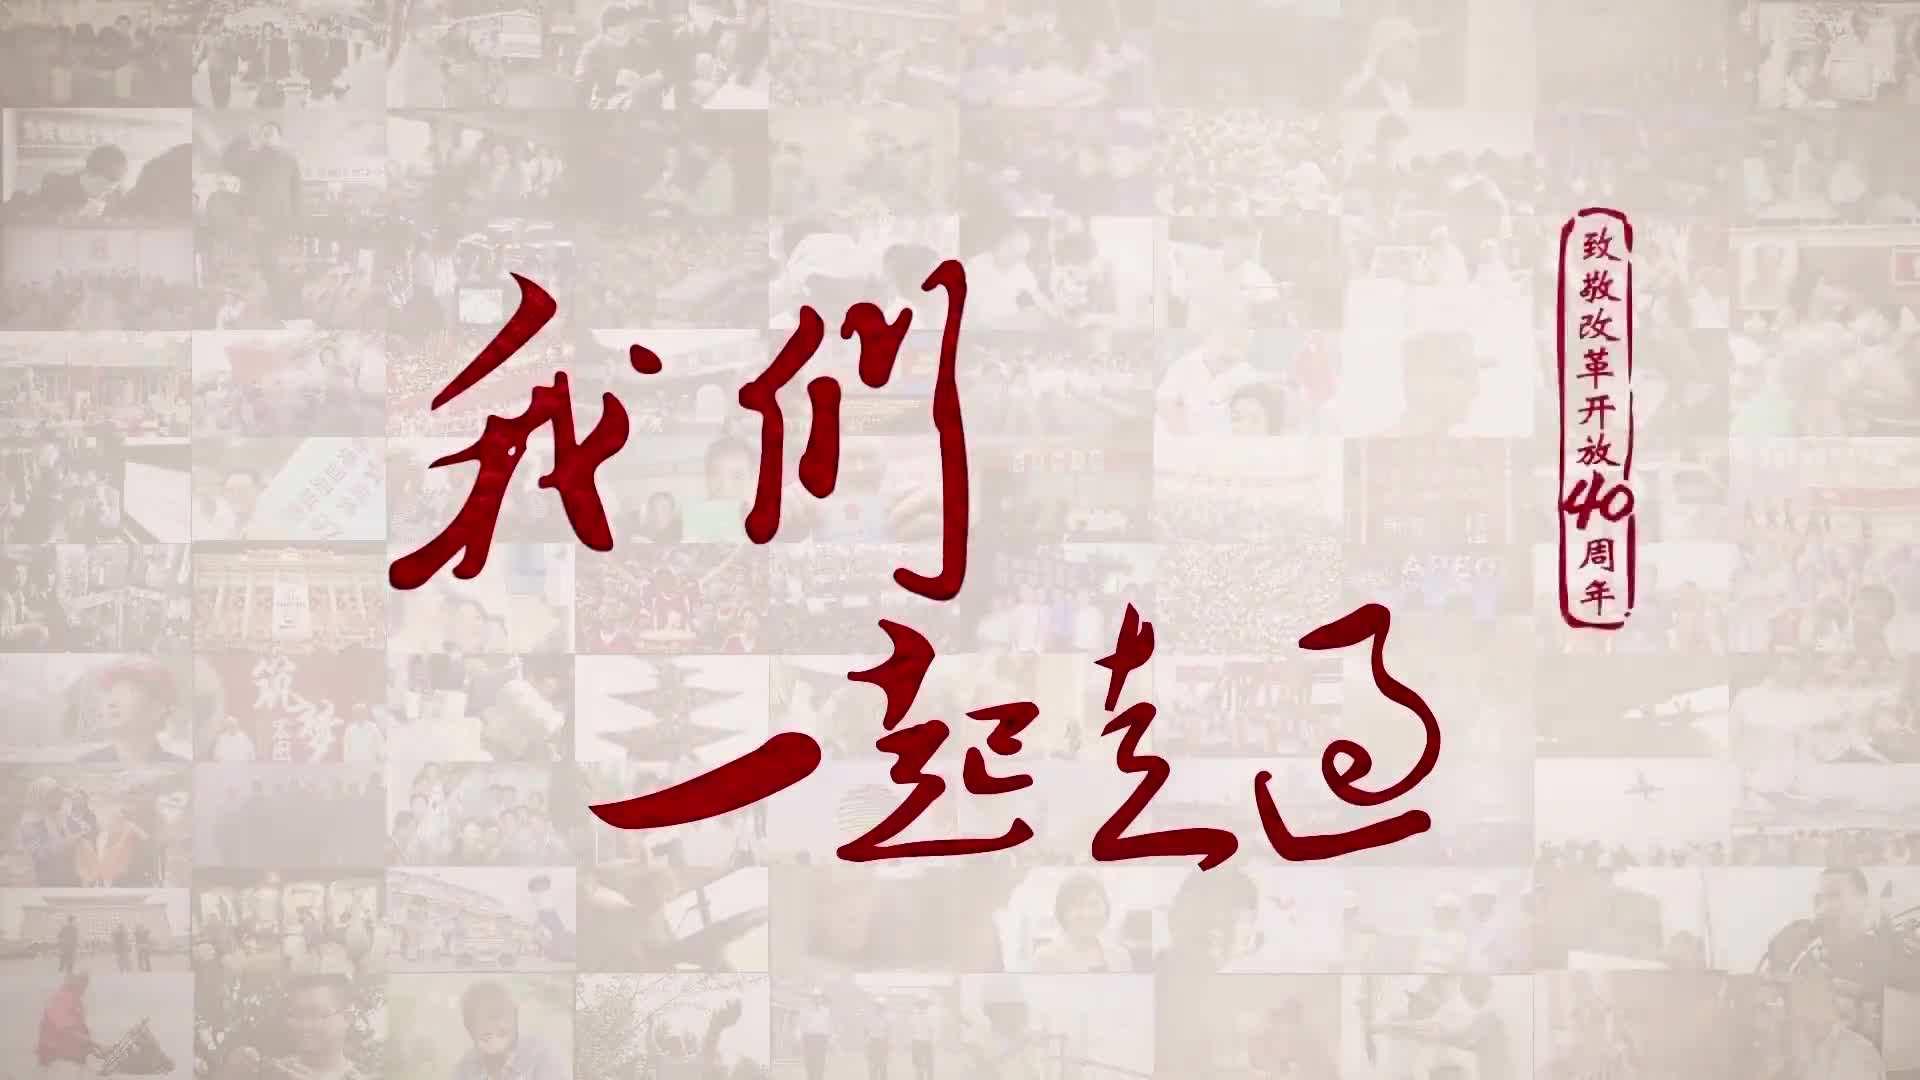 《我们一起走过——致敬改革开放40周年》 第三集 打开国门搞建设